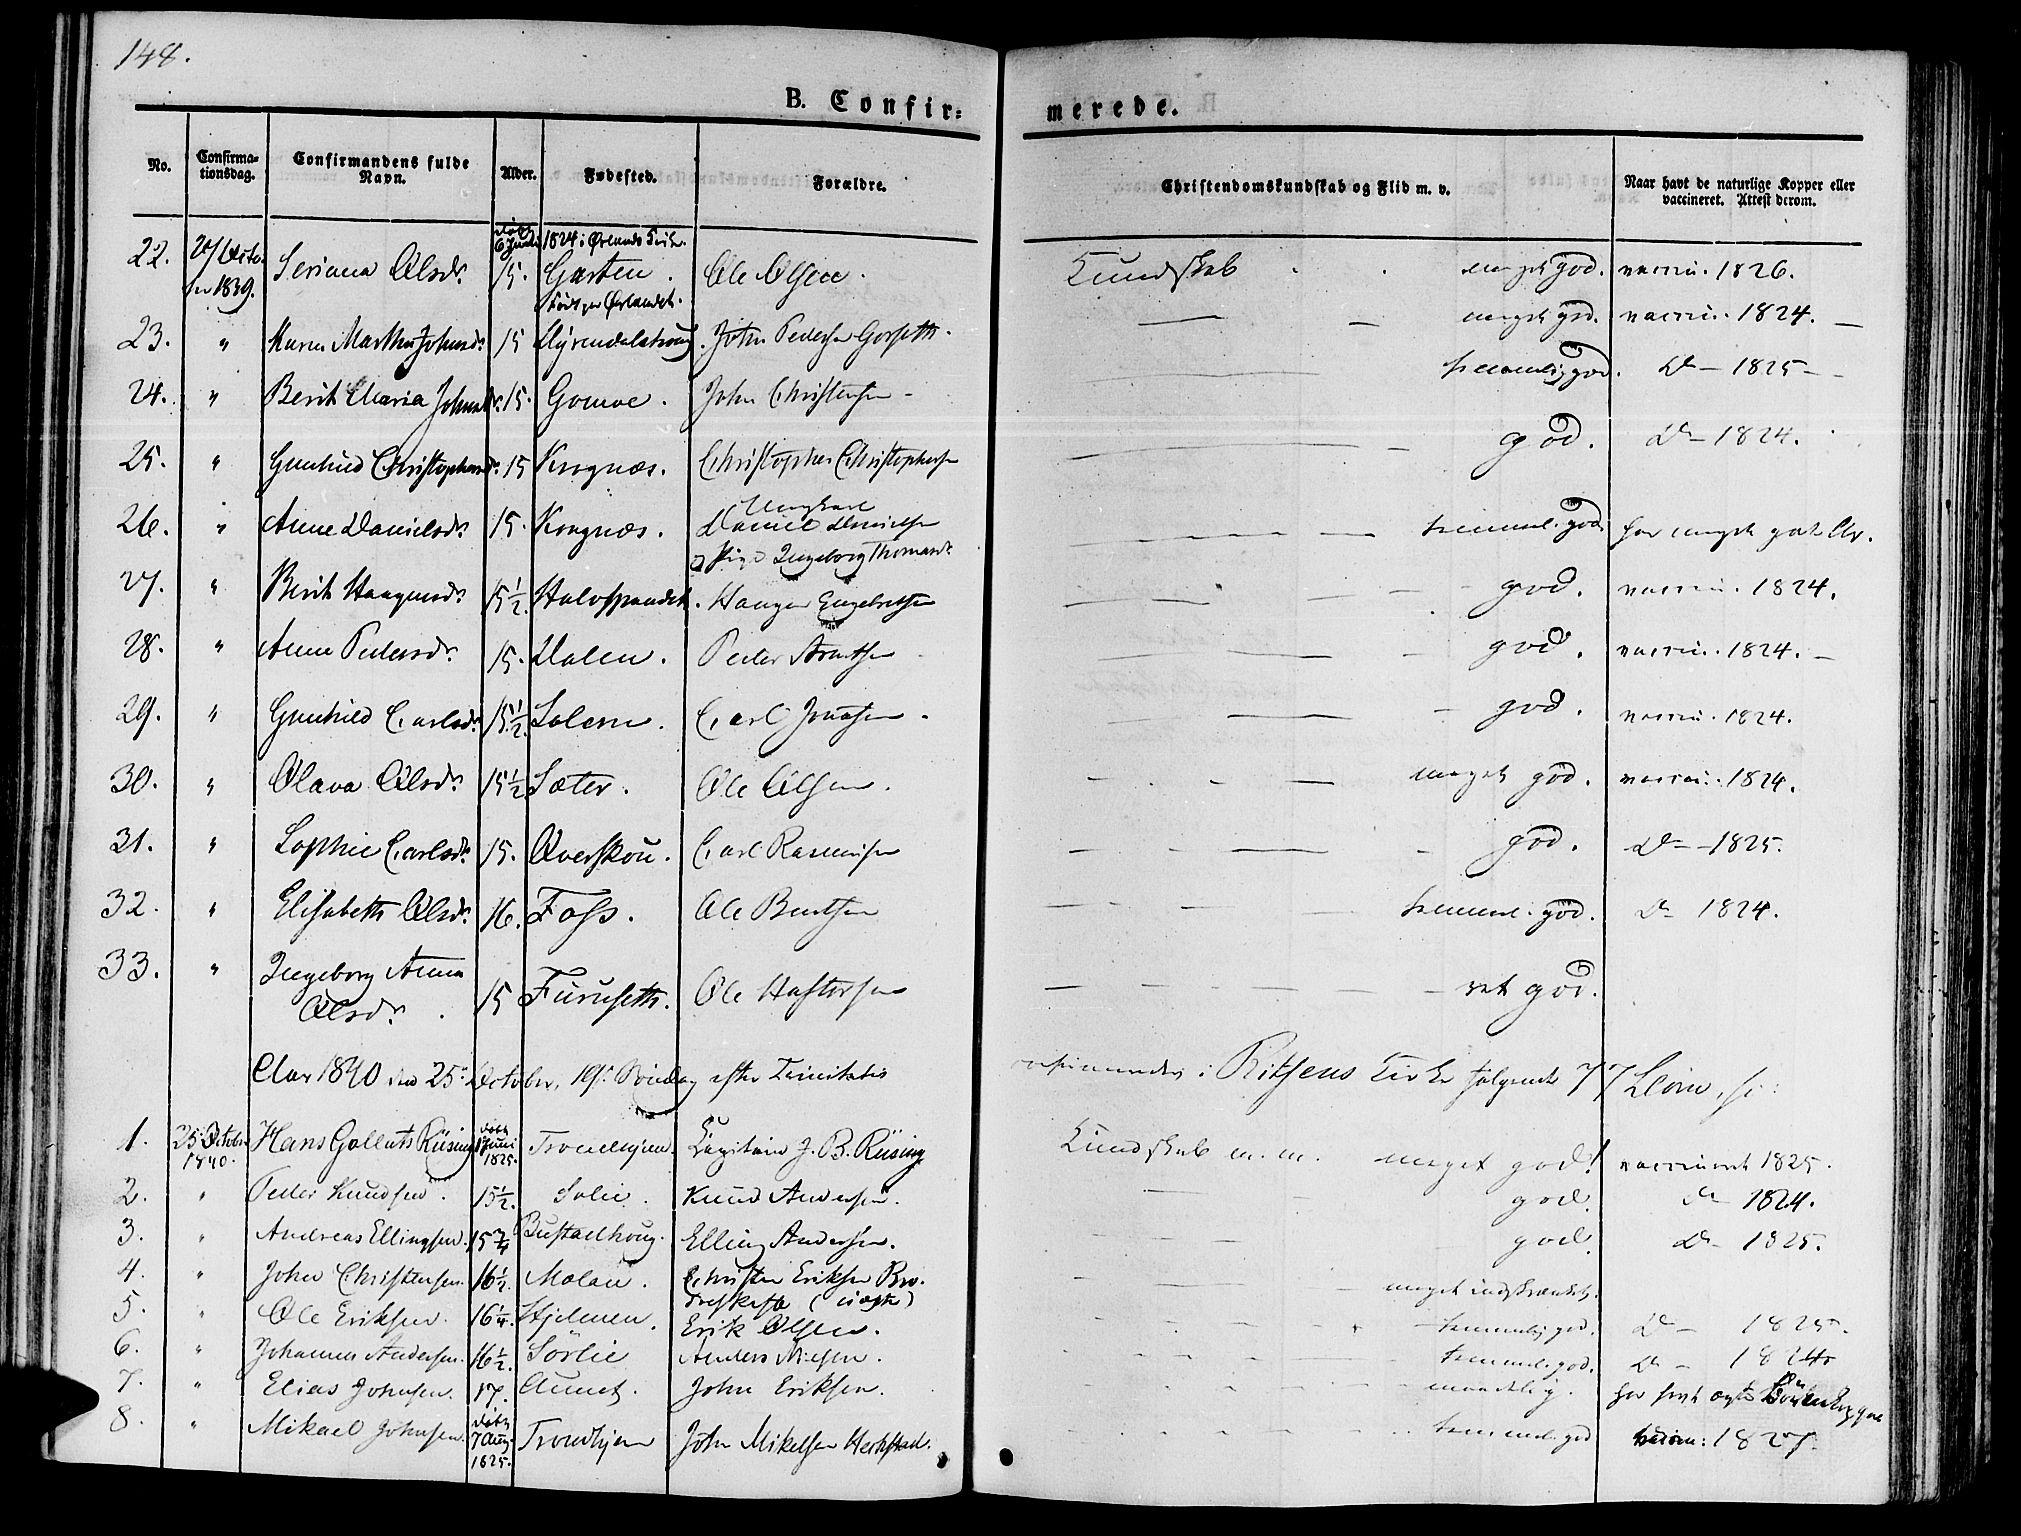 SAT, Ministerialprotokoller, klokkerbøker og fødselsregistre - Sør-Trøndelag, 646/L0610: Ministerialbok nr. 646A08, 1837-1847, s. 148